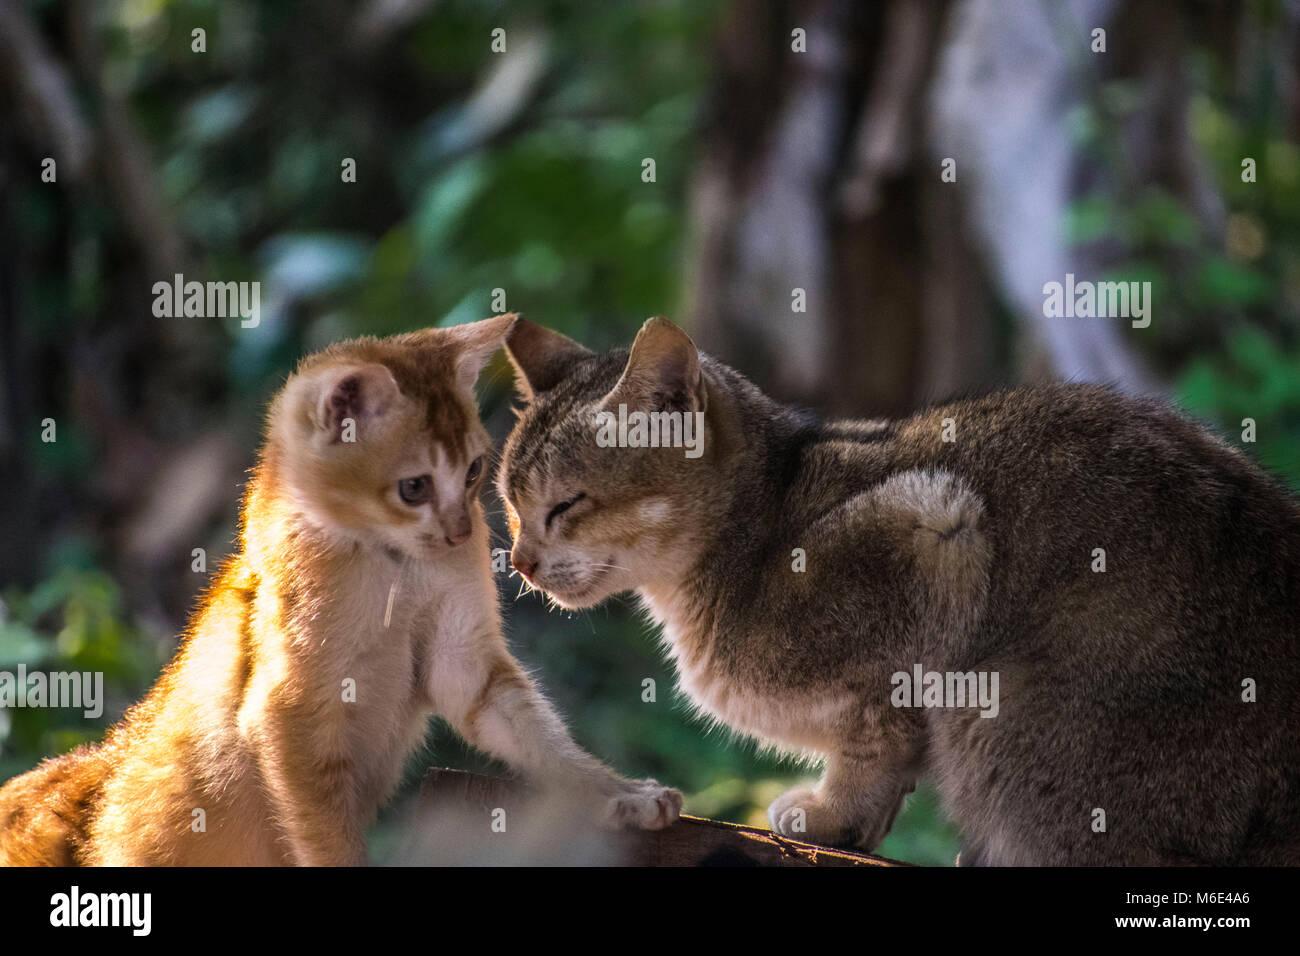 Motherhood of wildlife - Stock Image